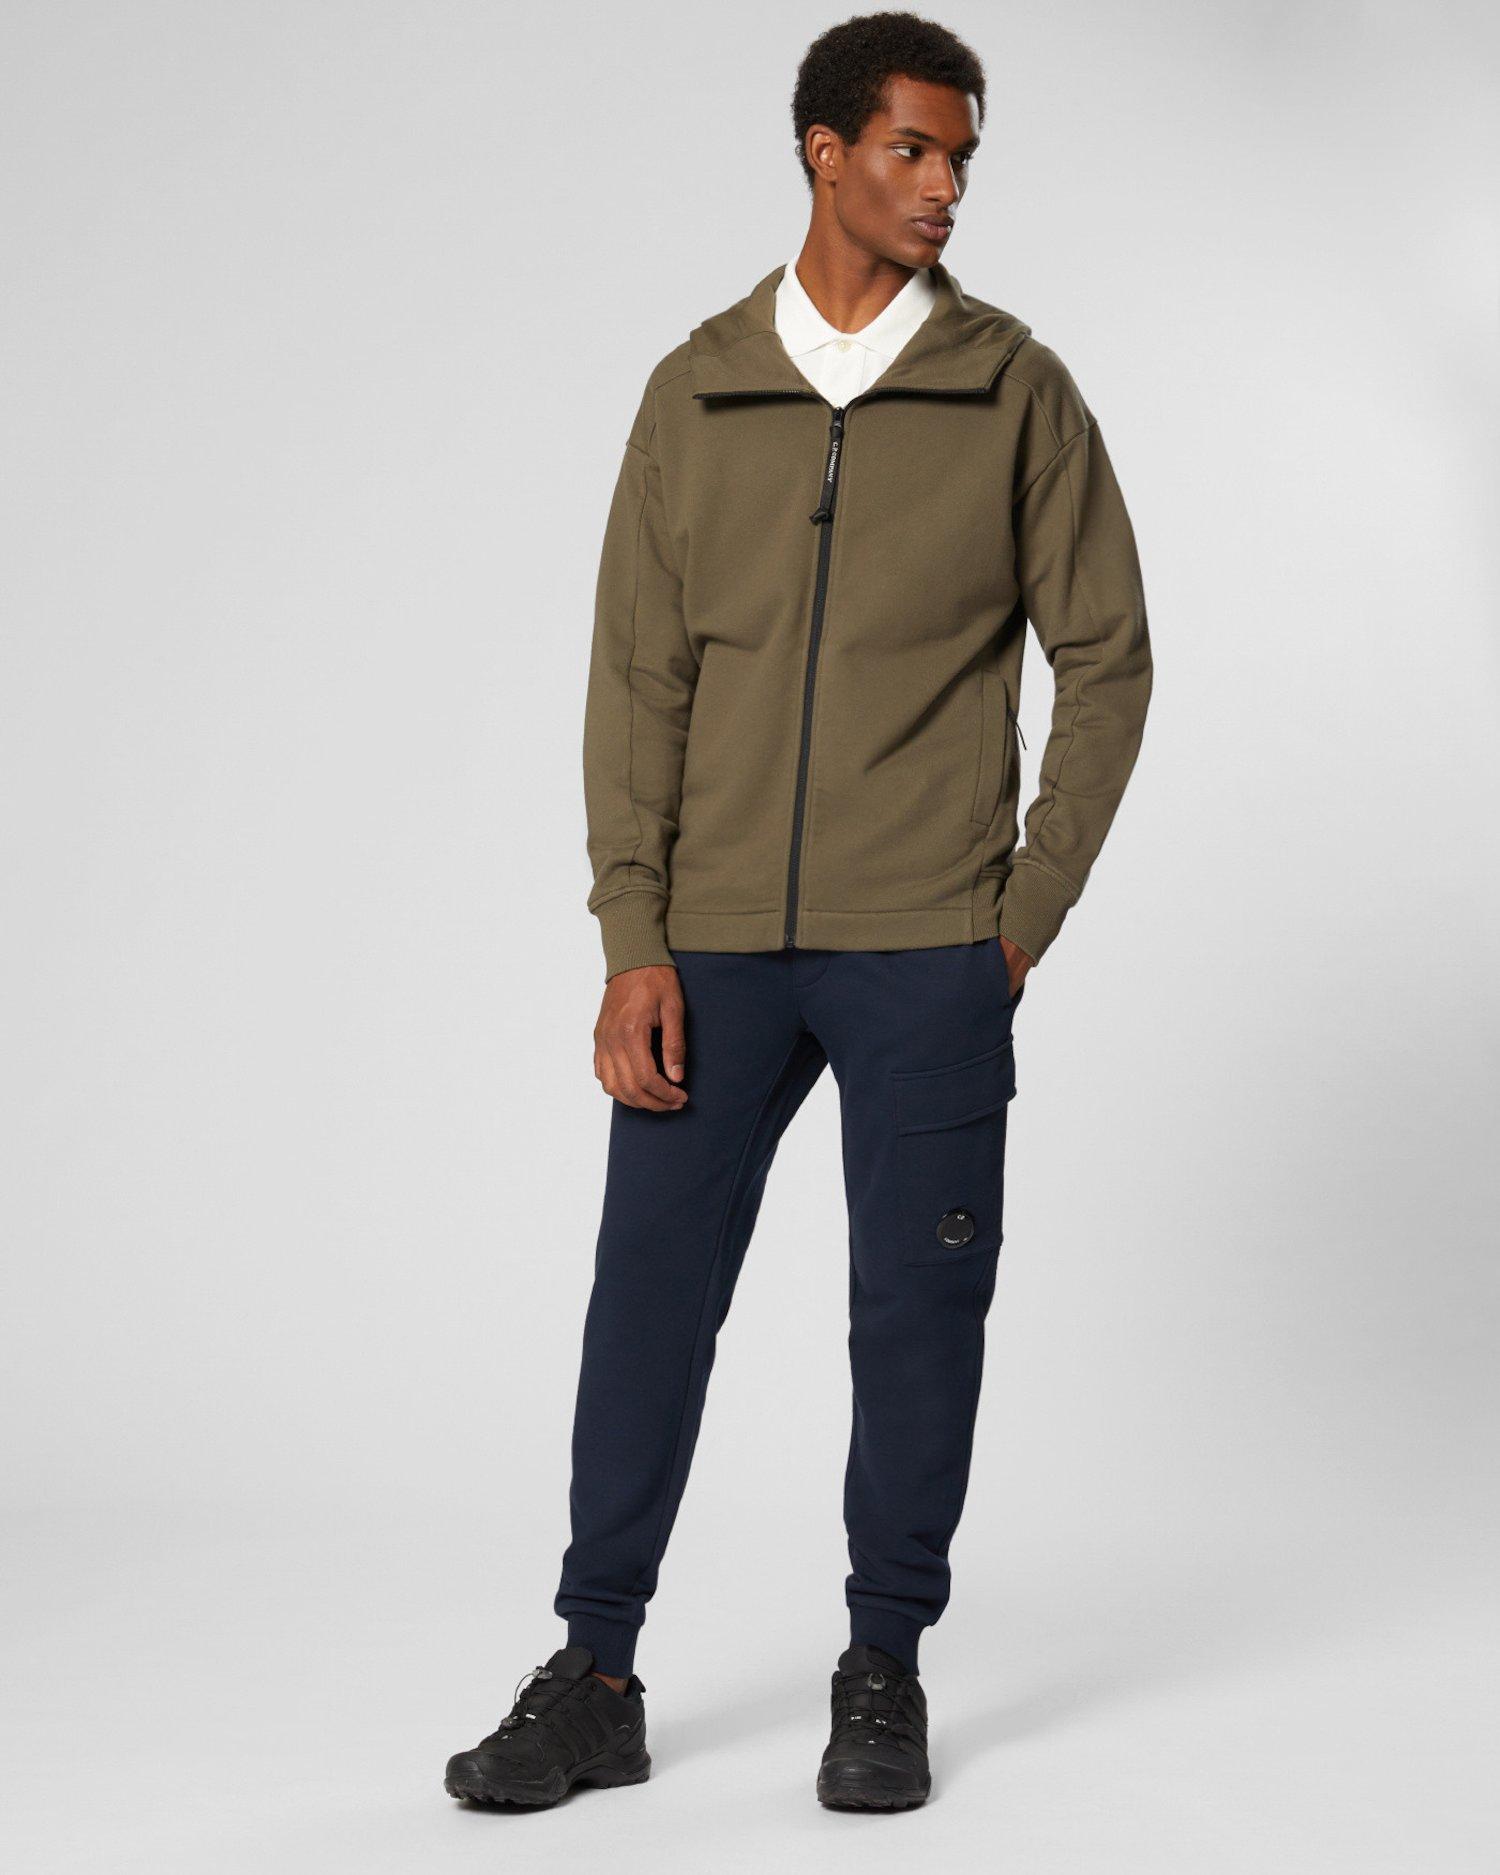 Pulloverjacke aus Fleece mit Kapuze, verdeckten Goggles und durchgehendem Reißverschluss